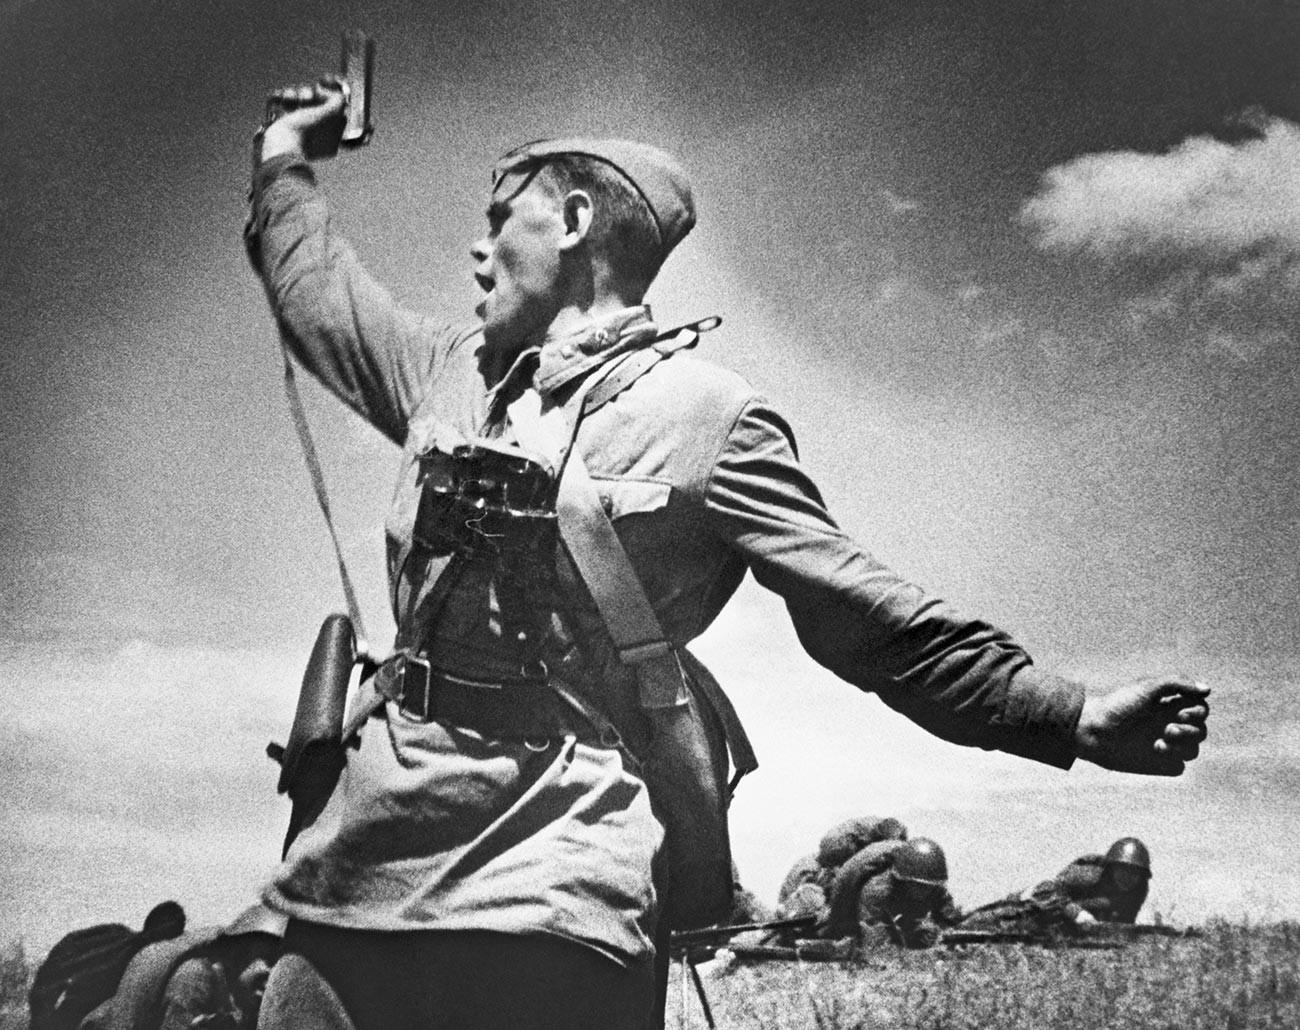 Politoffizier Alexei Jeremenko führt seine Soldaten in den Kampf gegen die deutschen Positionen in der Ukraine am 12. Juli 1942. Er wurde wenige Minuten nach dieser Fotoaufnahme getötet.